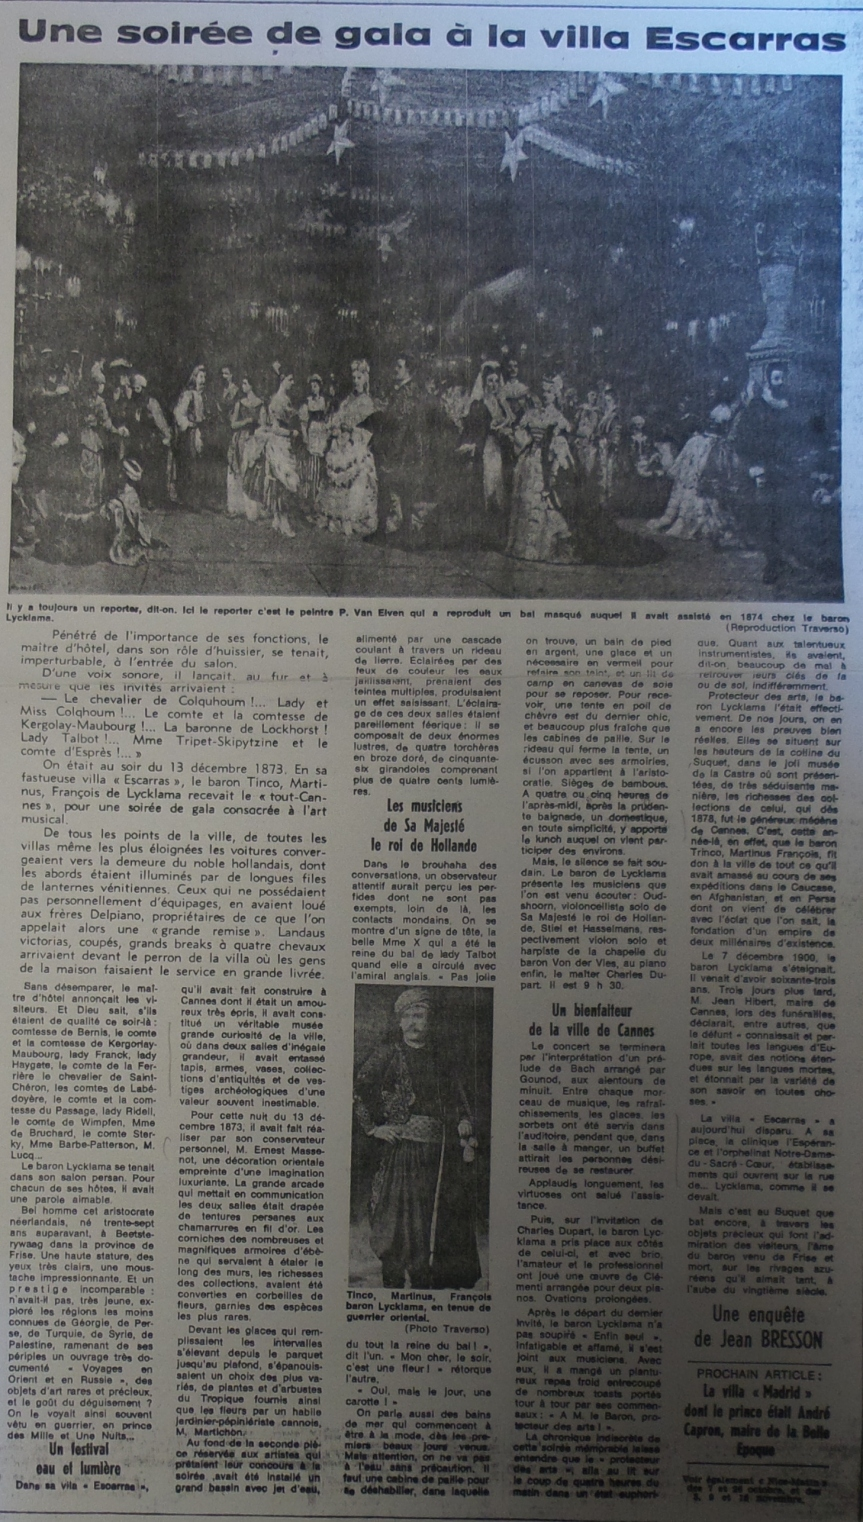 """""""Une soirée de gala à la villa Escarras"""", article published 23/11/1971 (Nice Matin?)"""